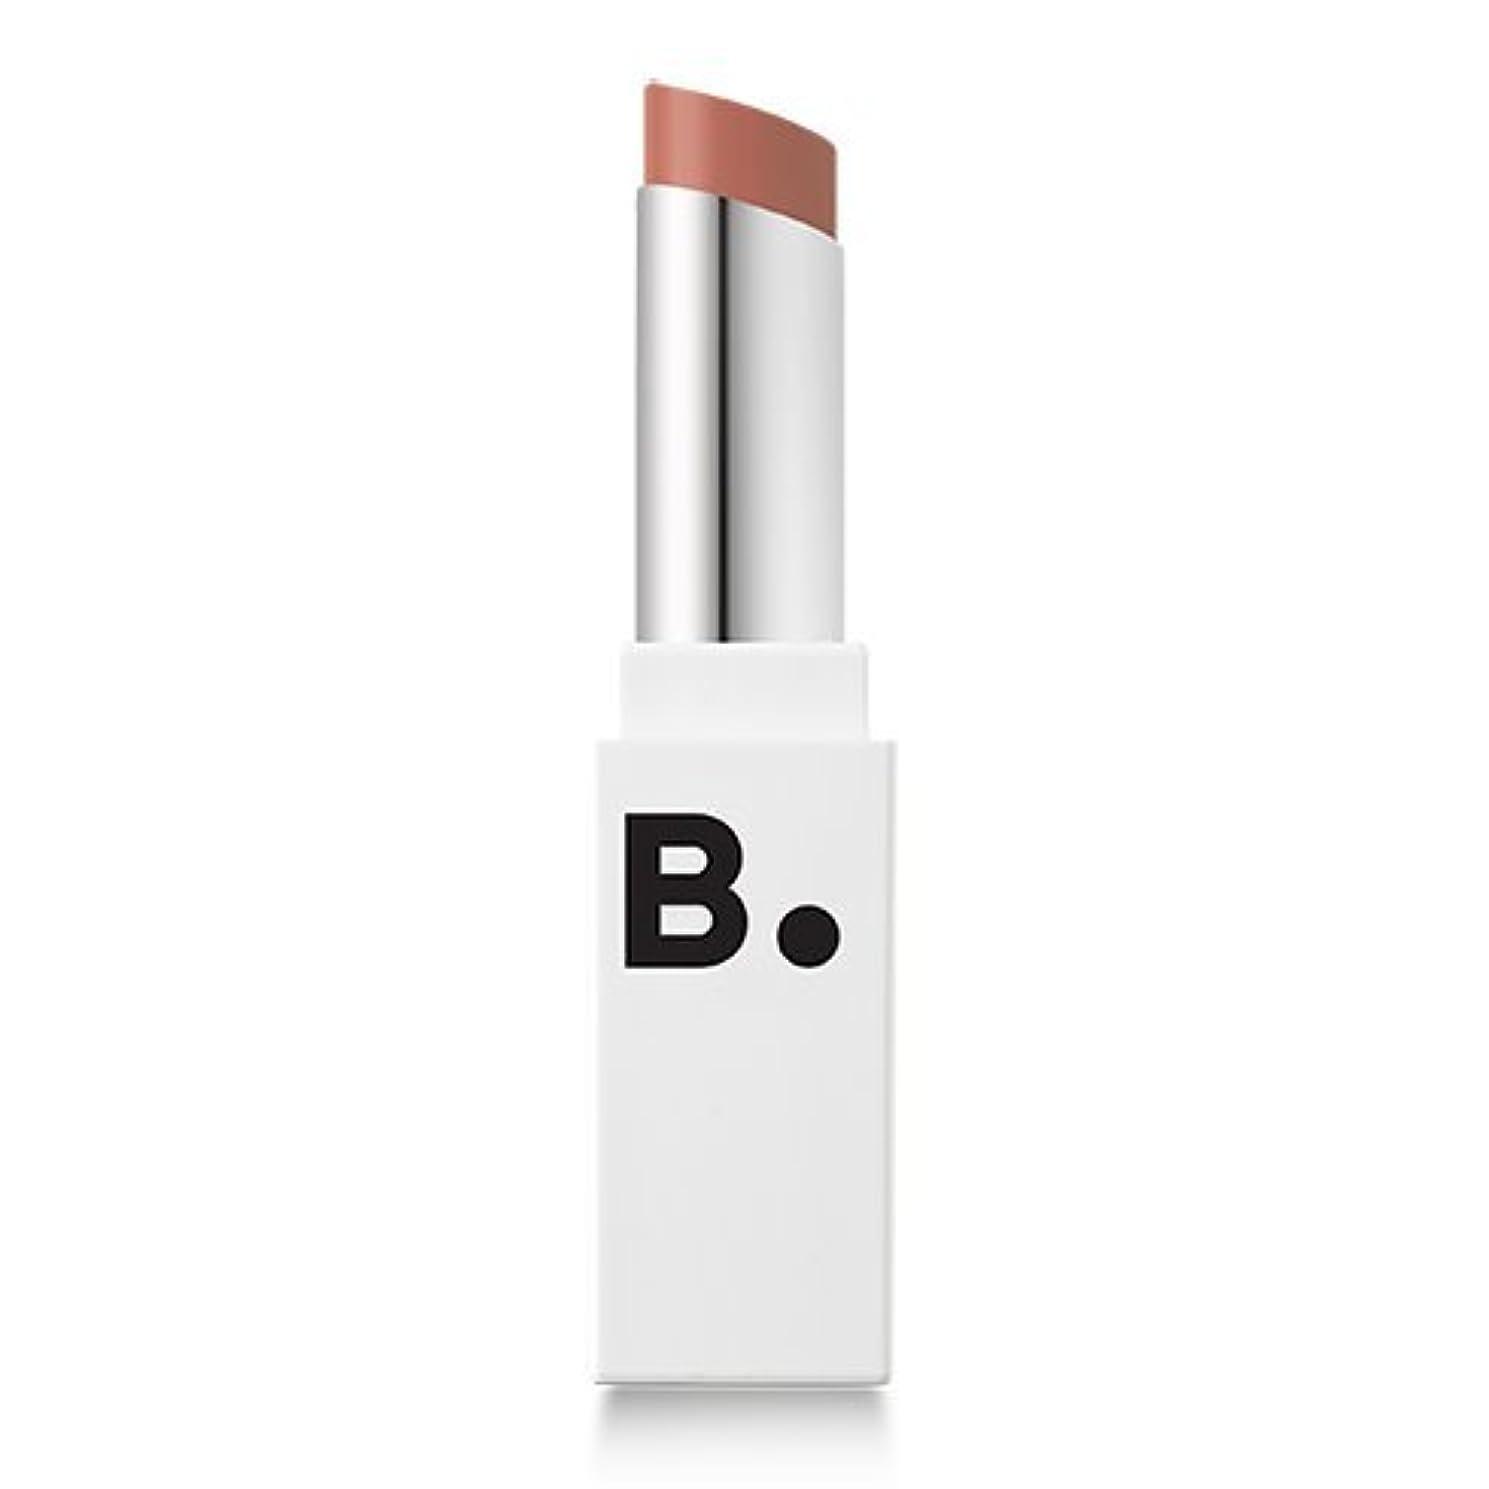 ラインナップ証明期待するBANILA CO Lip Draw Matte Blast Stick 4.2g/バニラコ リップ ドロー マット ブラスト スティック 4.2g (#MBE01) [並行輸入品]